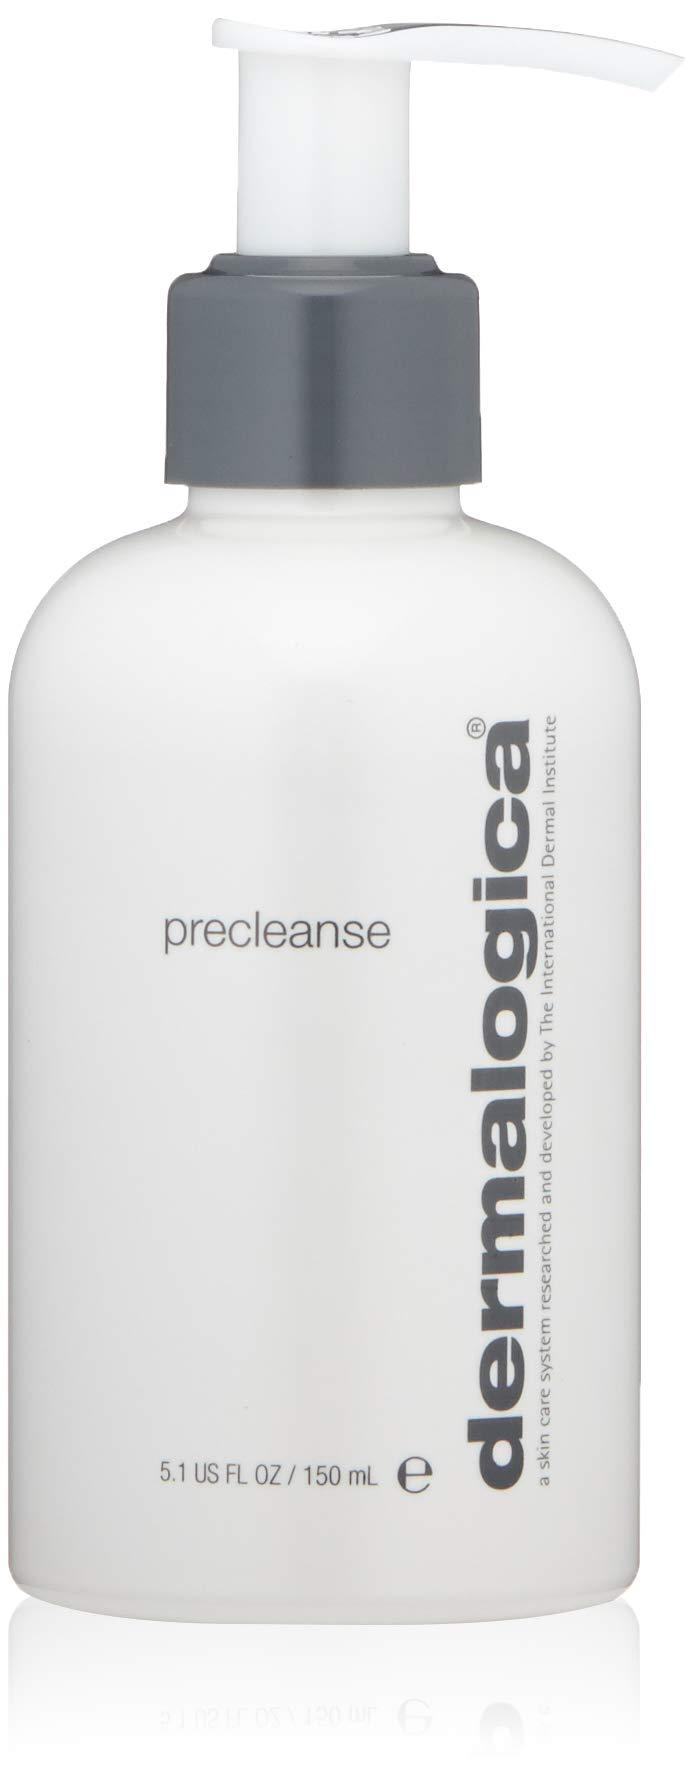 Dermalogica PreCleanse, 5.1 Fl Oz